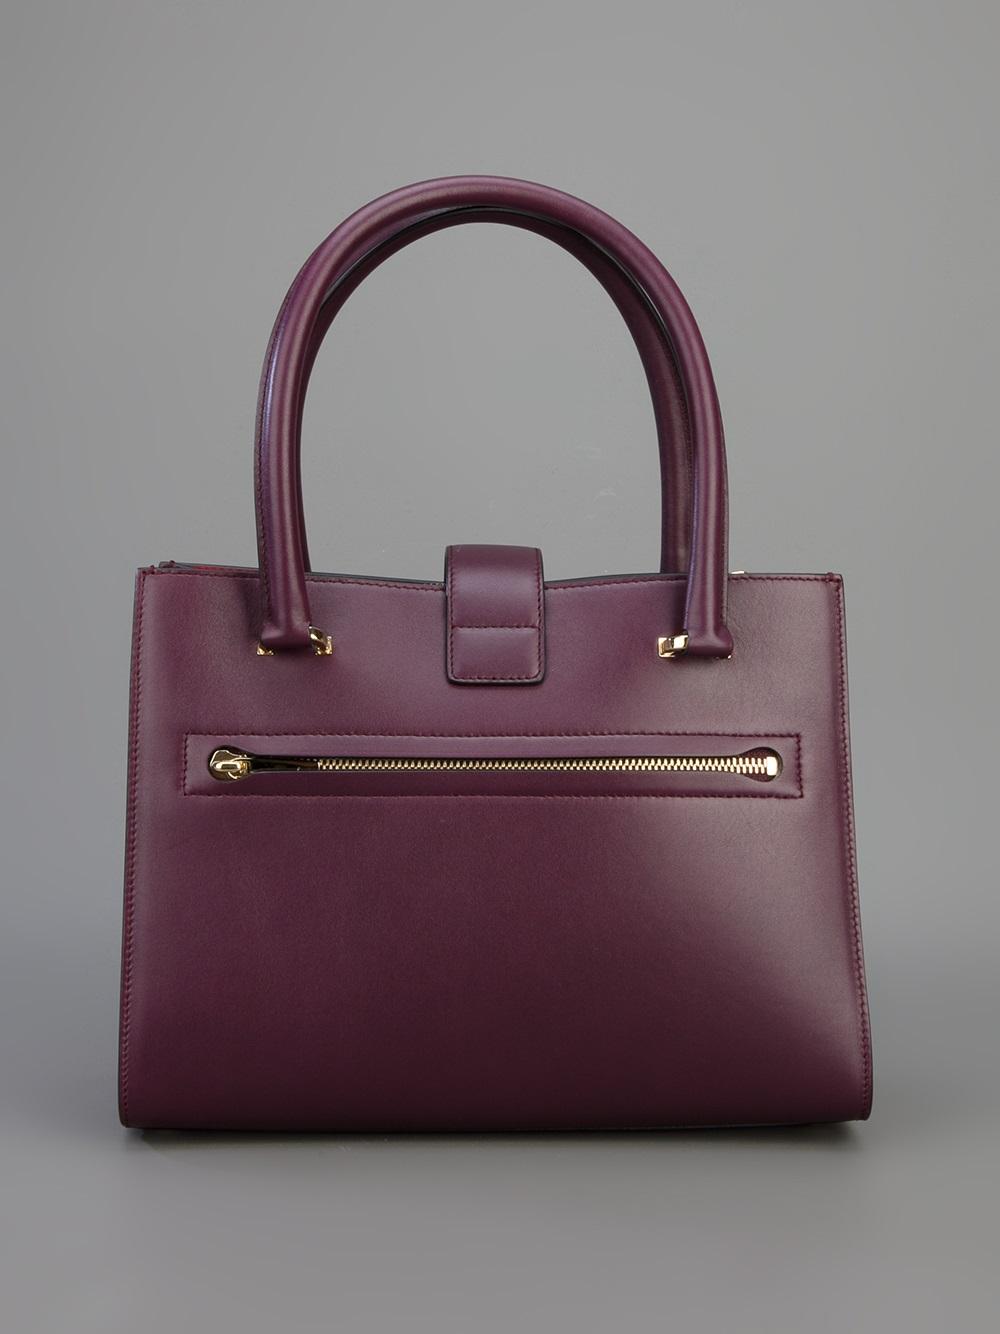 Ferragamo Juliette Tote in Pink & Purple (Purple)